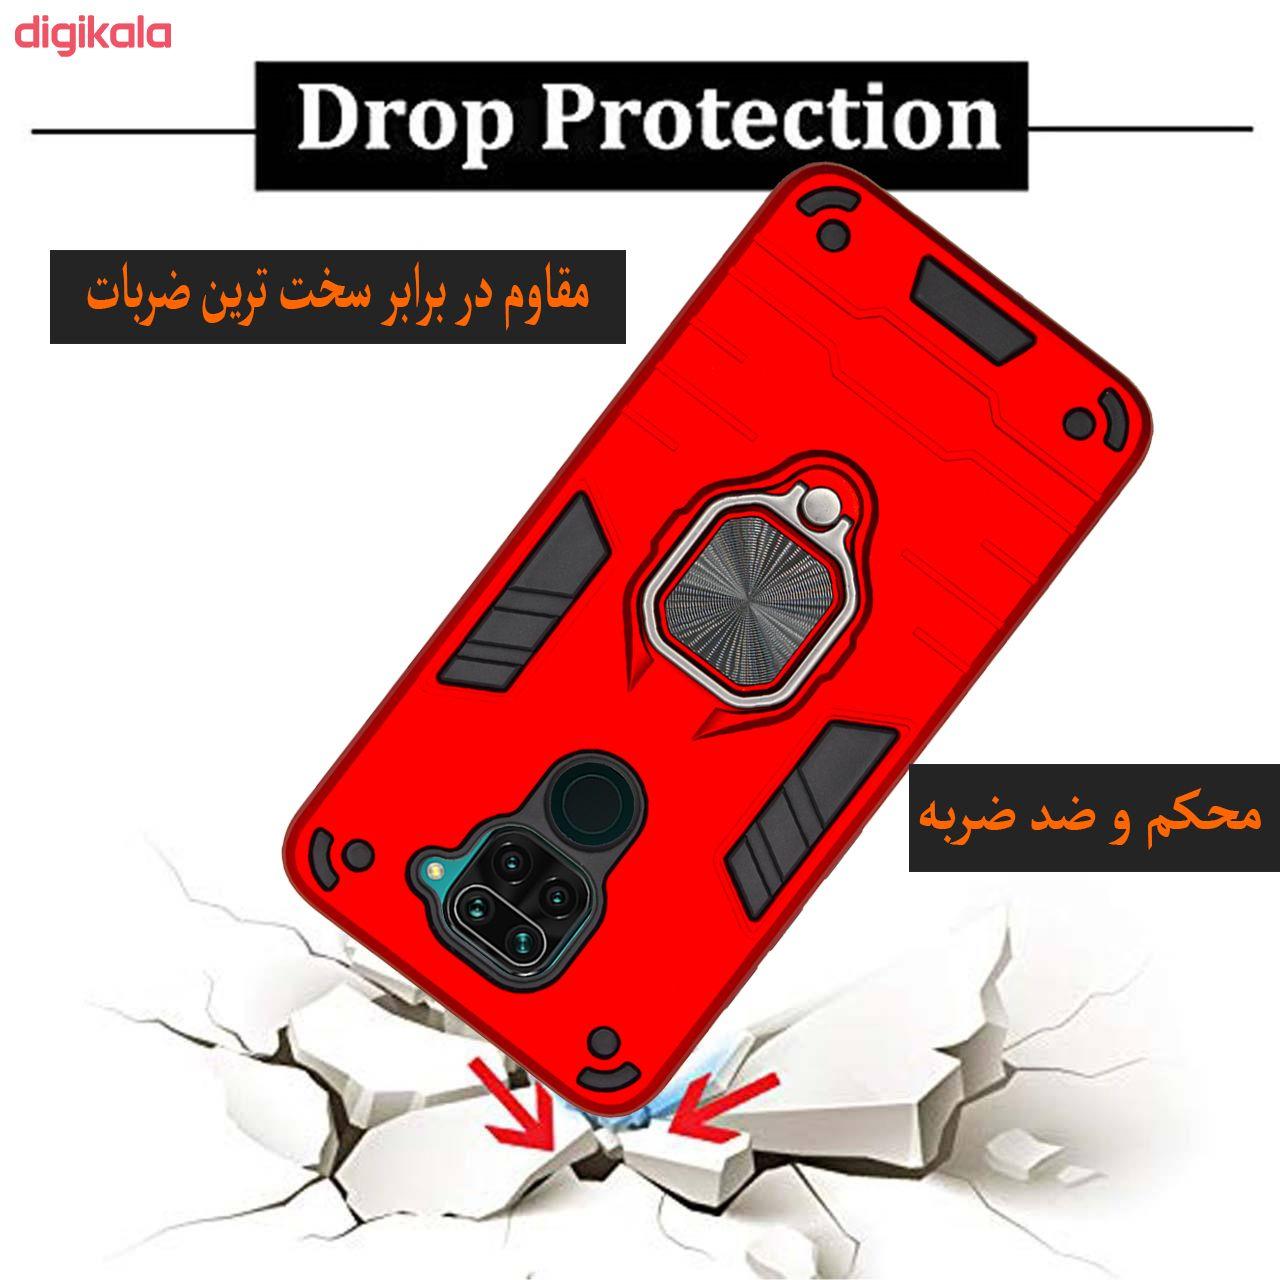 کاور کینگ پاور مدل ASH22 مناسب برای گوشی موبایل شیائومی Redmi Note 9 main 1 2